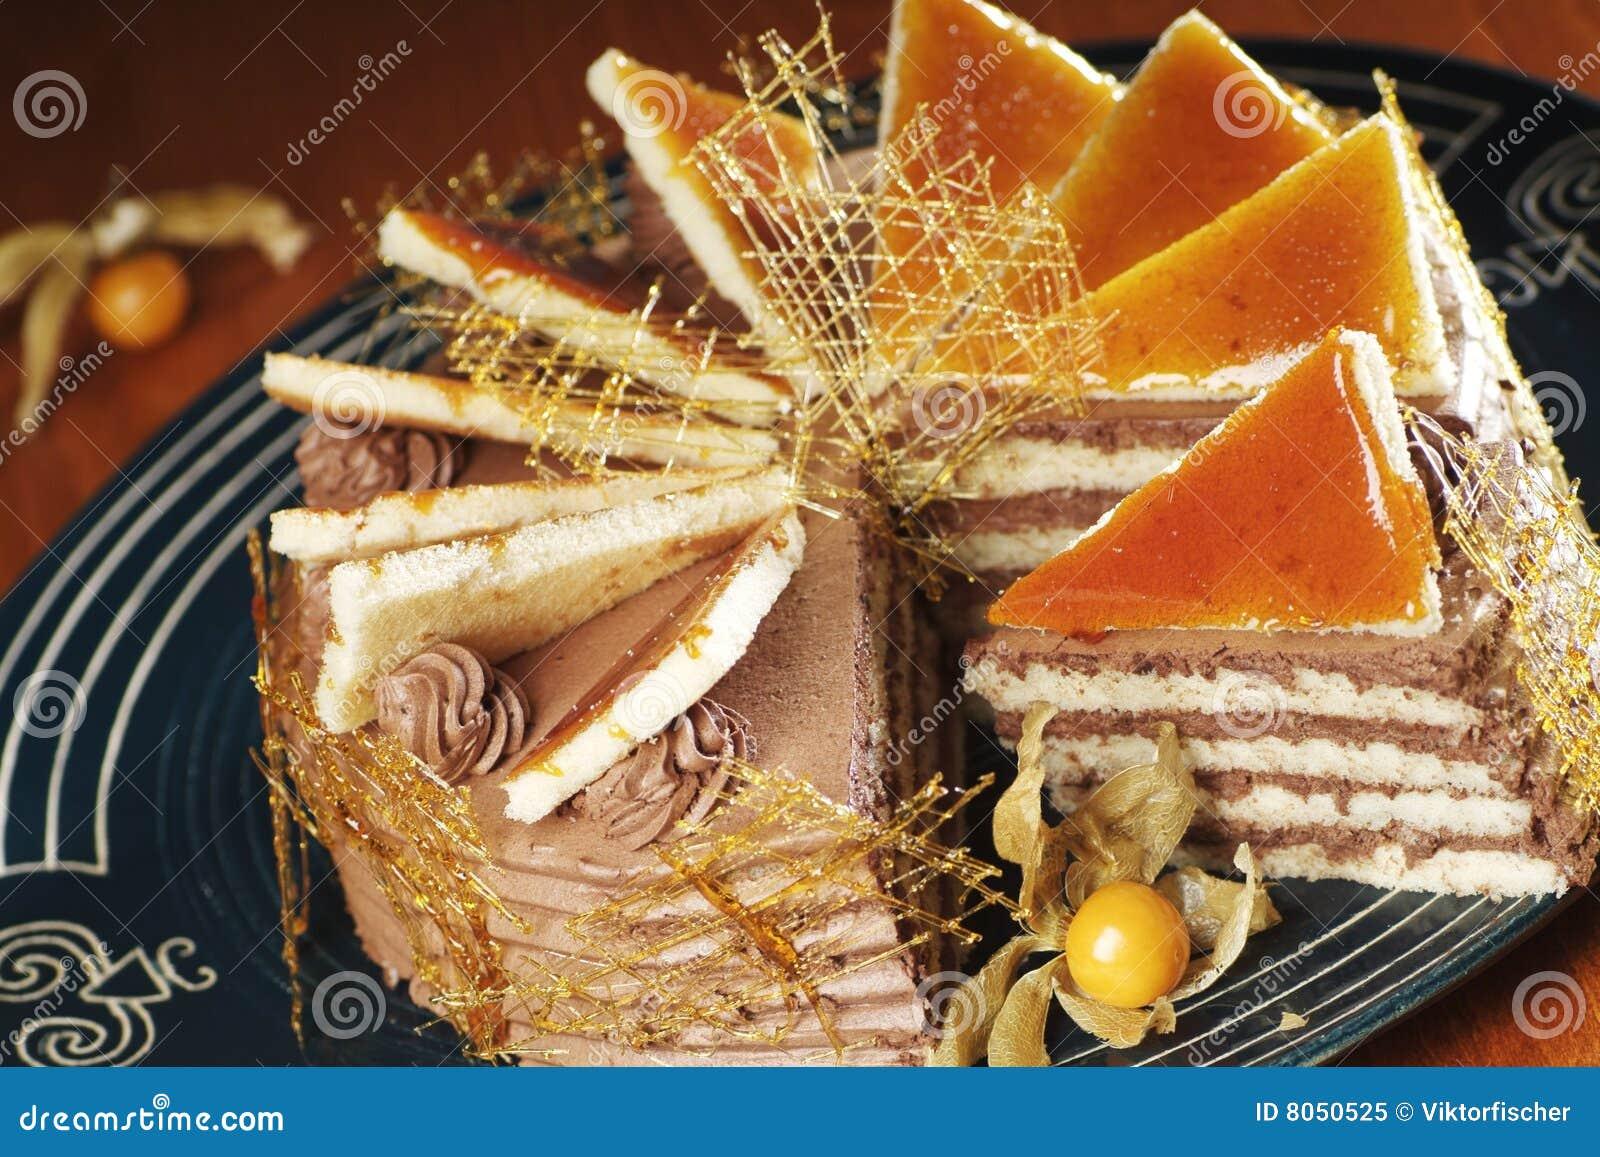 Украшения для торта из карамели фото